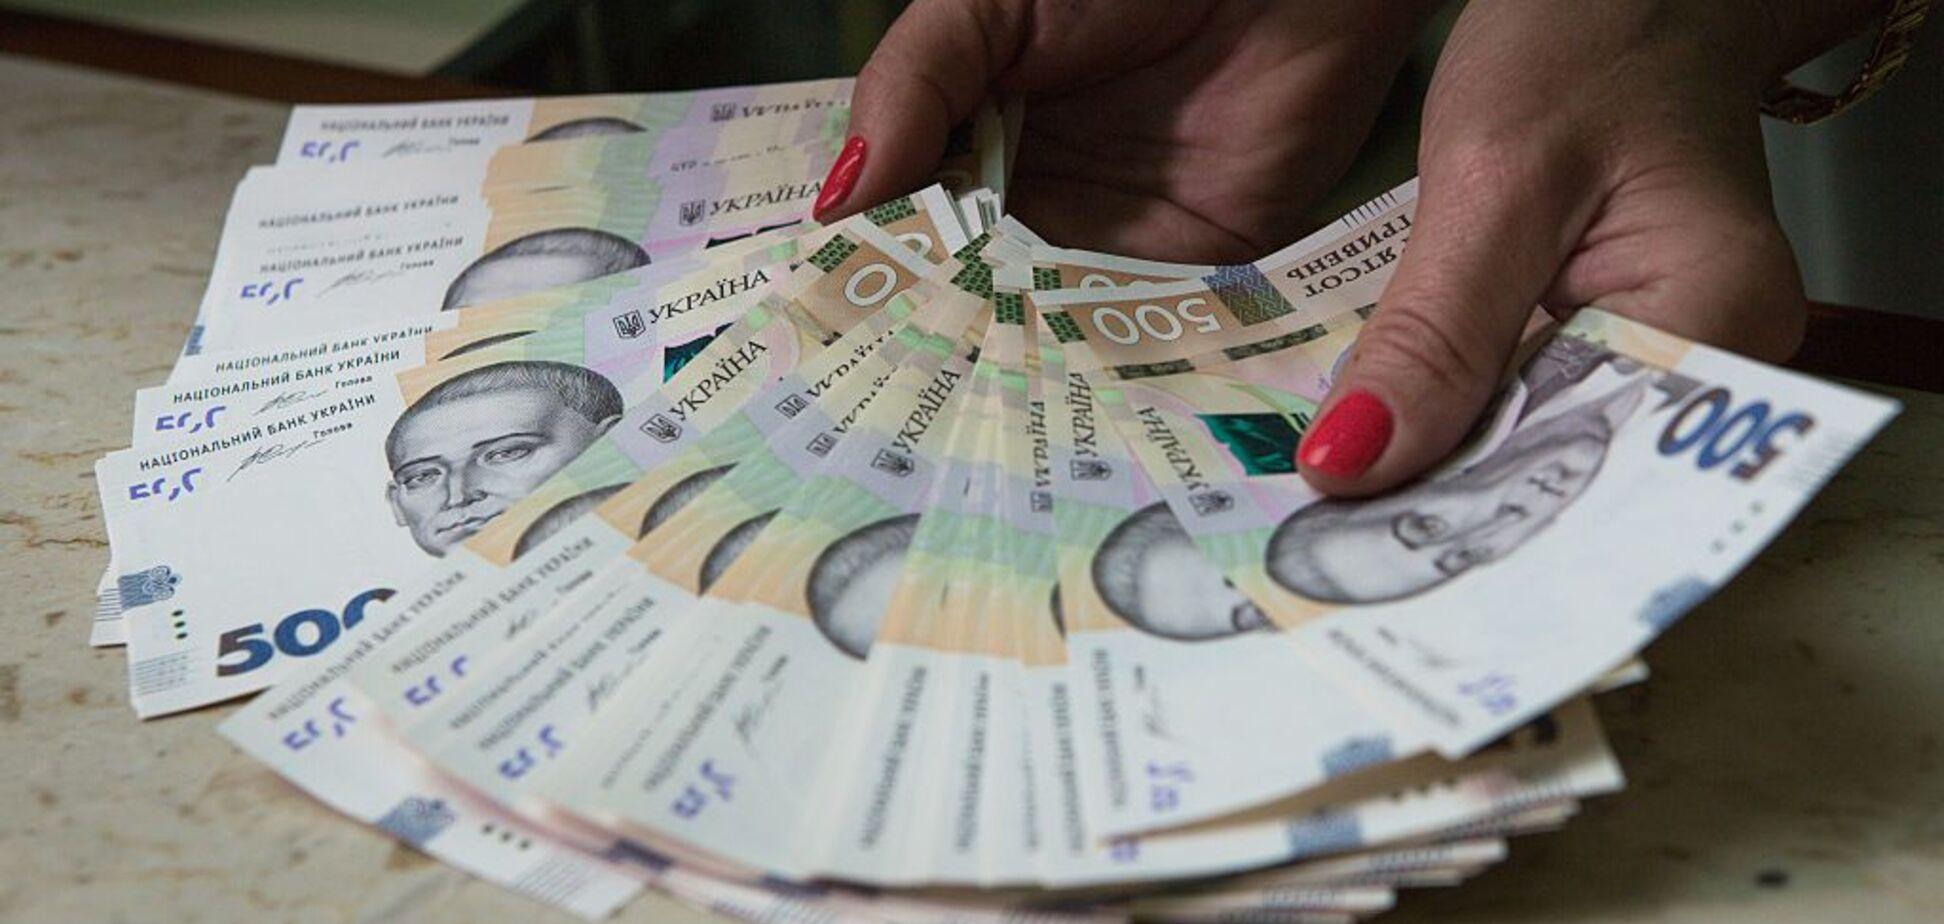 Що загрожує українцям за зарплати в конвертах: з'явилася відповідь